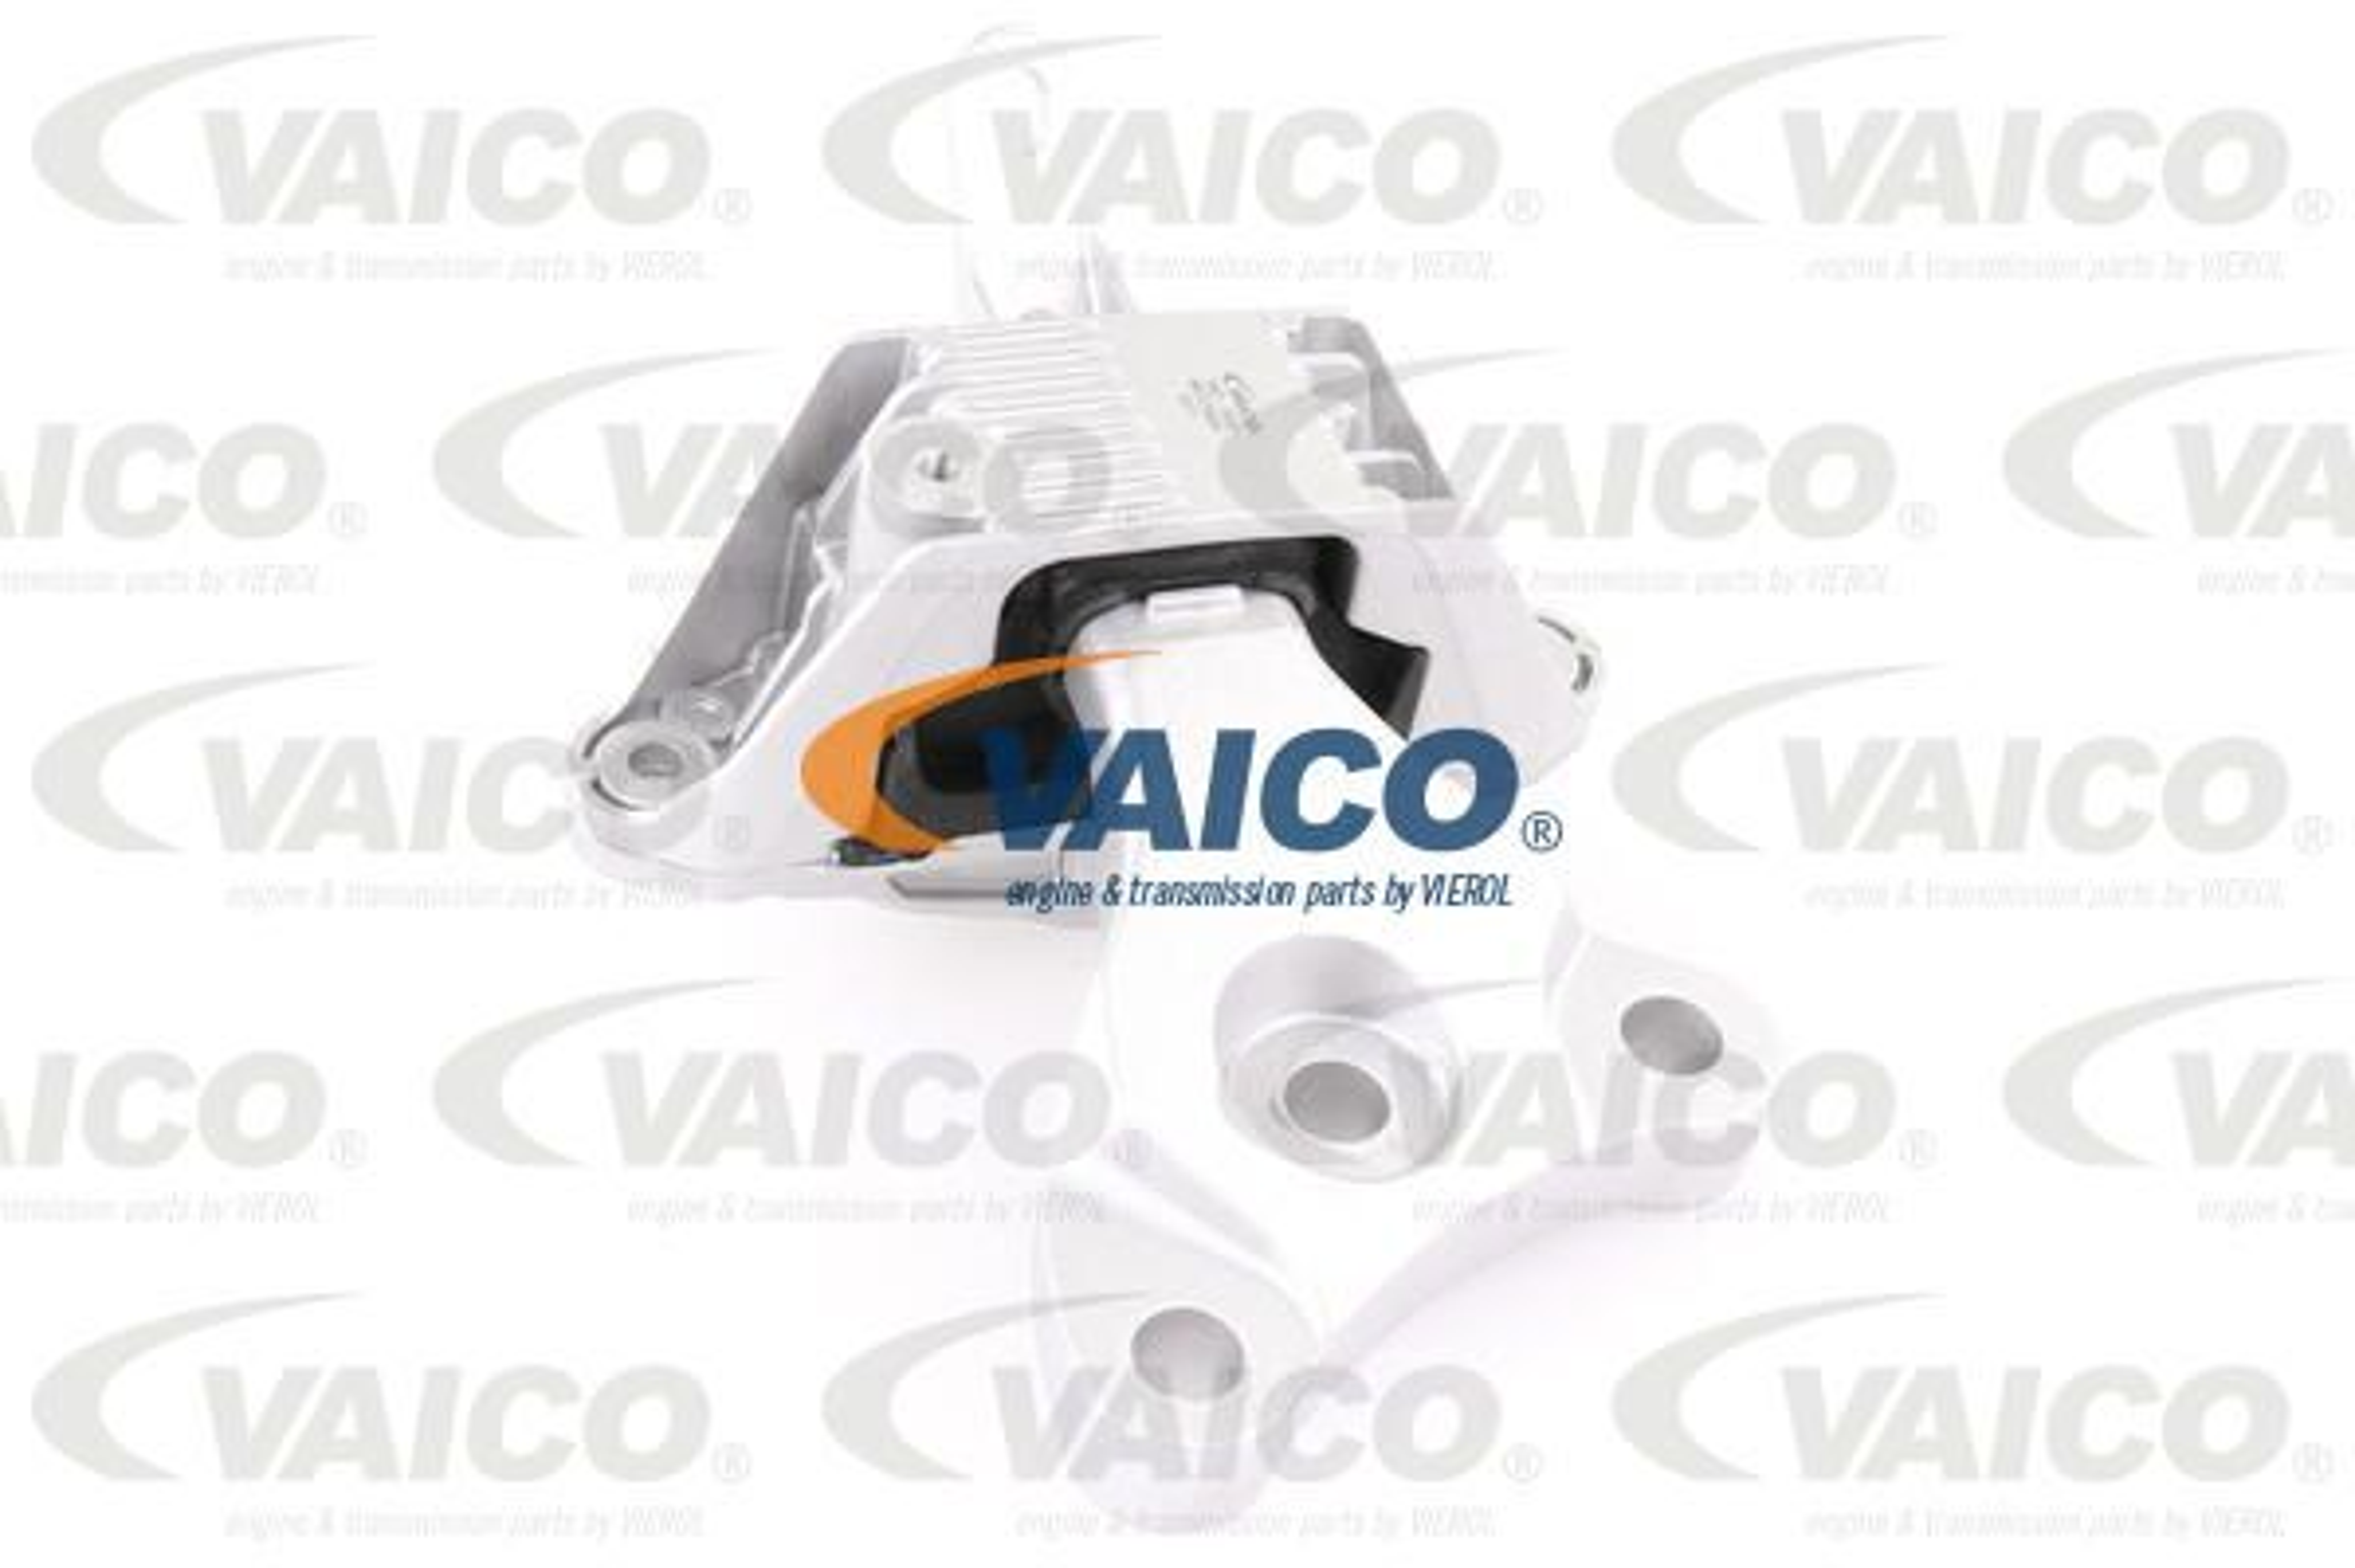 V40-1900 VAICO Sospensione, Motore - Compra online